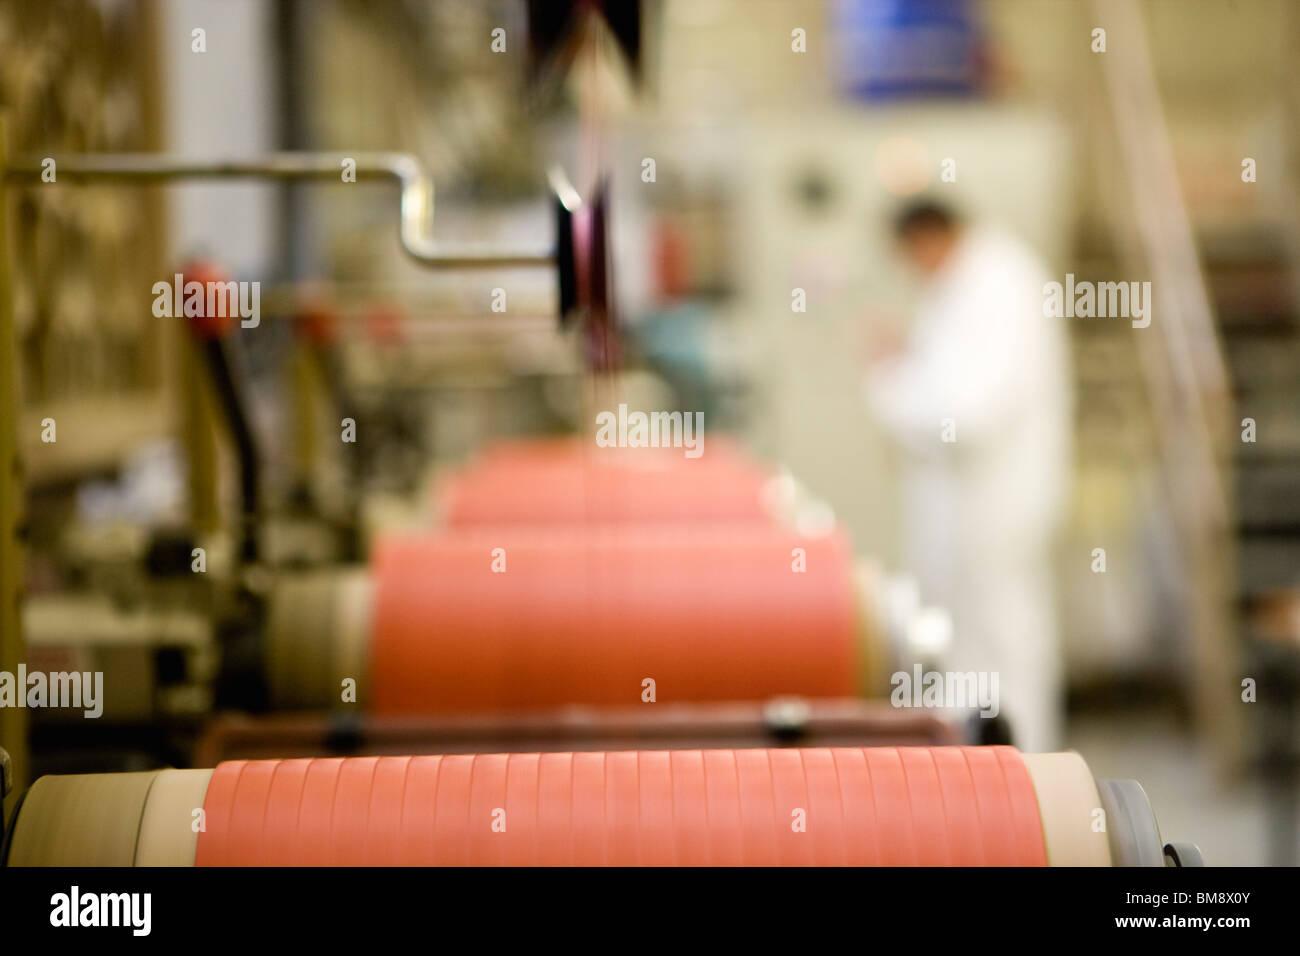 Riciclabile tessile composito di reparto di fabbricazione di fabbrica, macchinista lavorando sulla filettatura macchina Immagini Stock